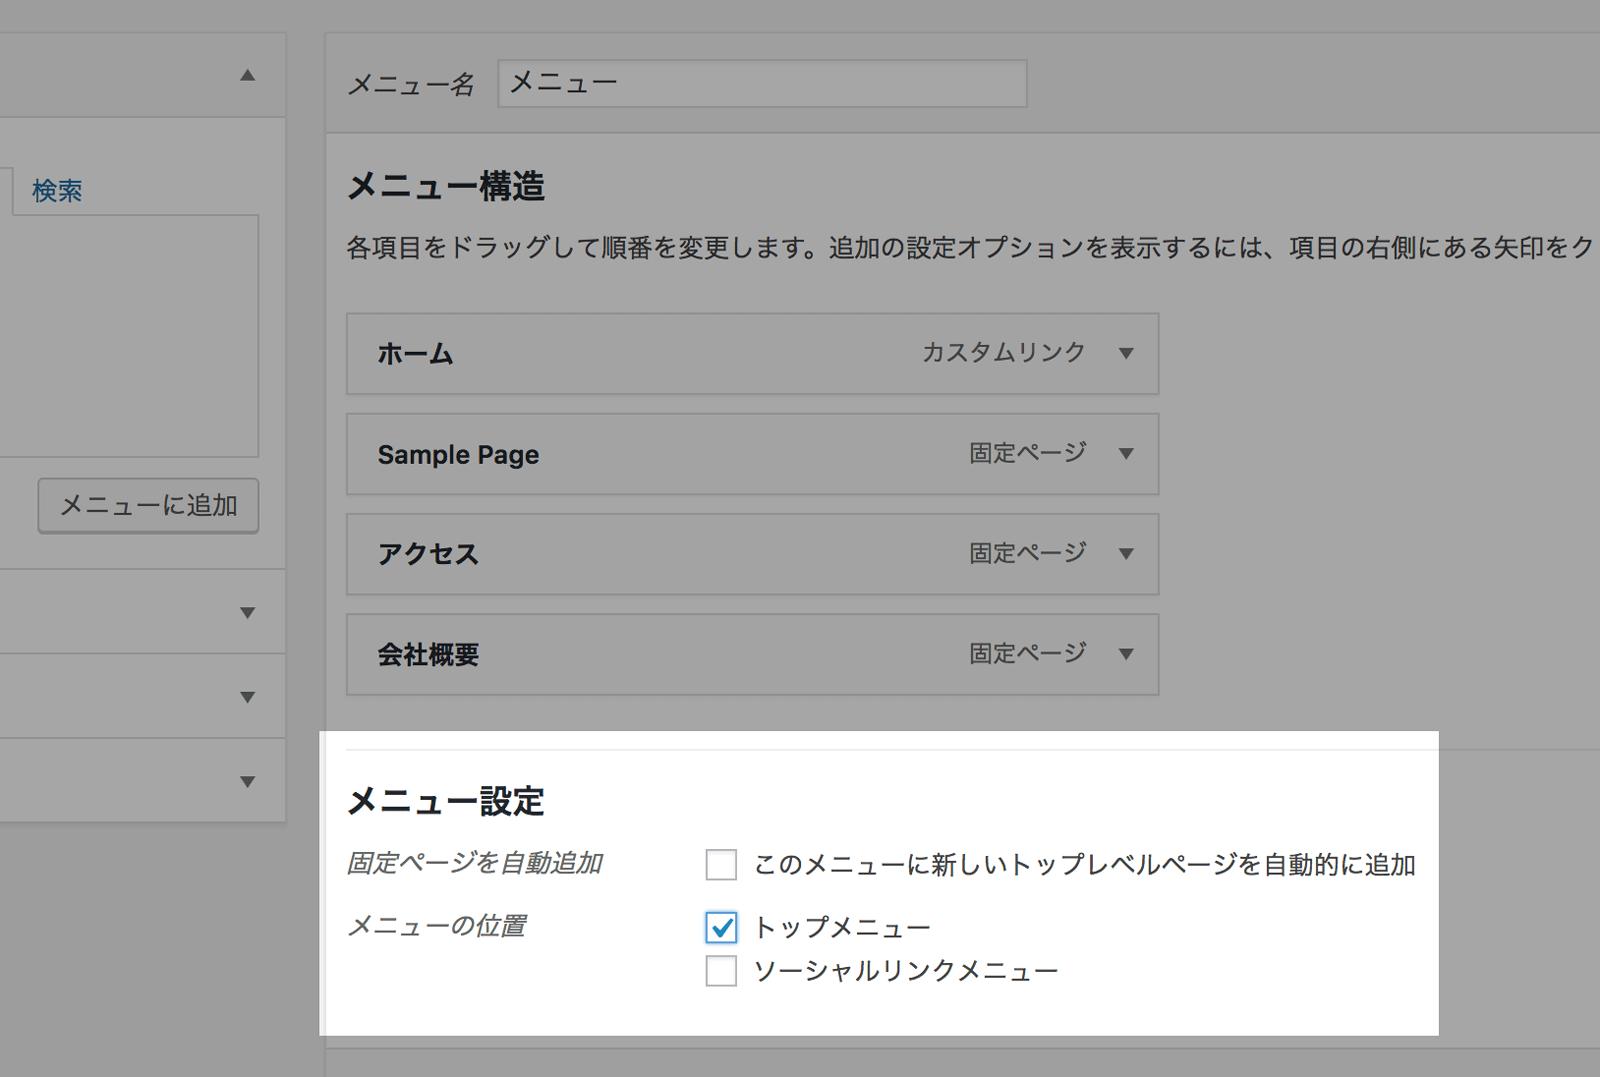 メニュー設定からメニューの表示位置を設定する